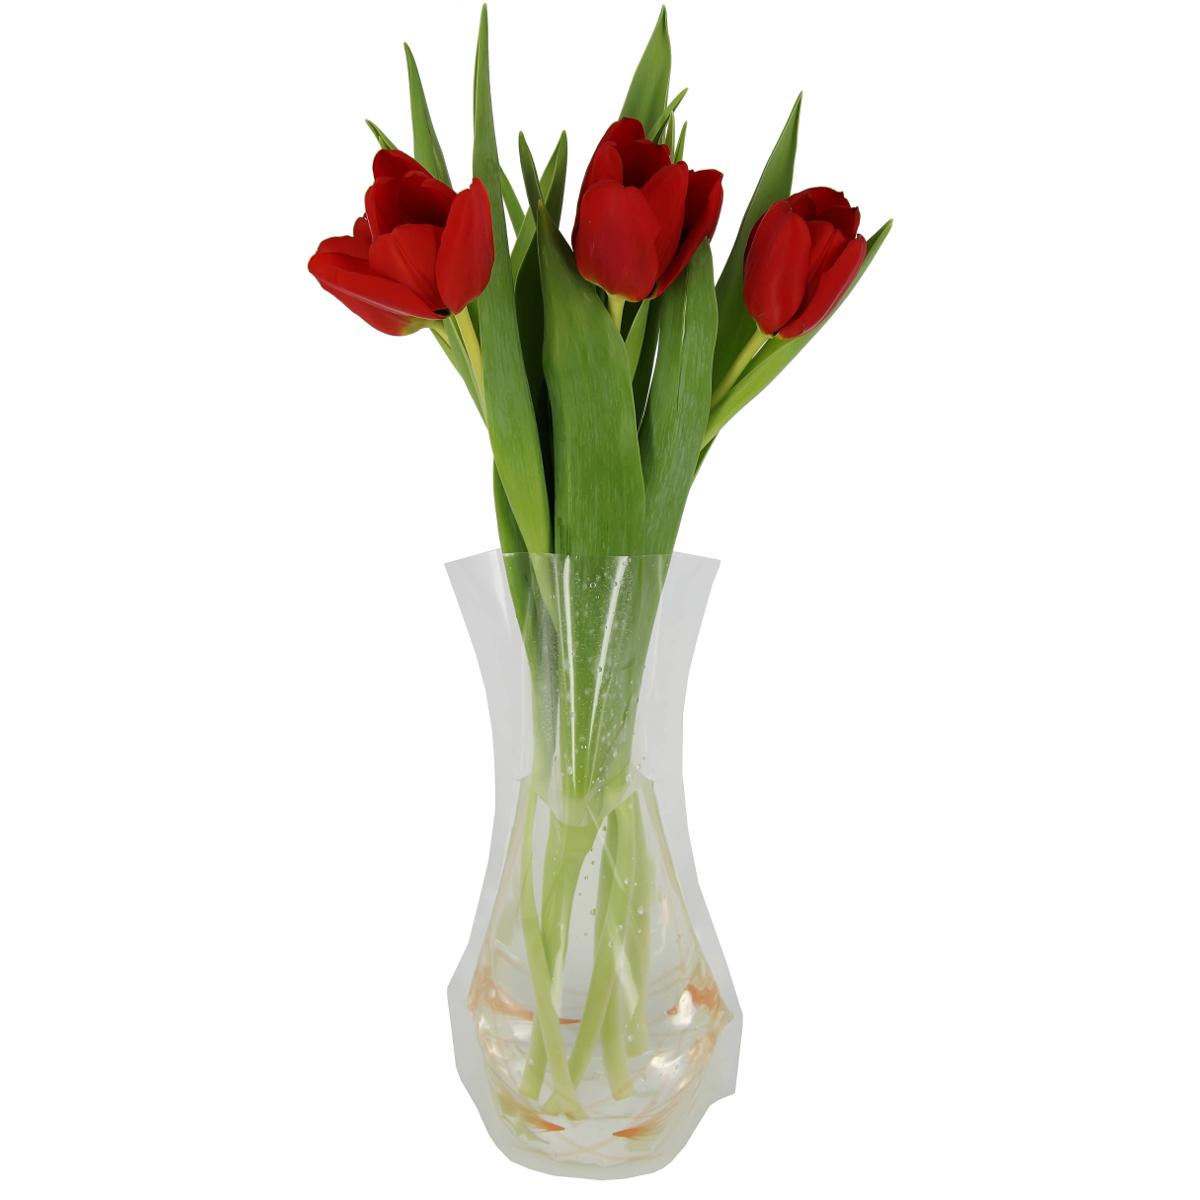 Ваза МастерПроф Золотые линии, пластичная, 1,2 л300196Пластичная ваза Золотые линии легко складывается, удобно хранится - занимает мало места, долго служит. Всегда пригодится дома, в офисе, на даче, для оформления различных меропритятий. Отлично подойдет для перевозки цветов, или просто в подарок.Инструкция: 1. Наполните вазу теплой водой;2. Дно и стенки расправятся;3. Вылейте воду;4. Наполните вазу холодной водой;5. Вставьте цветы.Меры предосторожности:Хранить вдали от источников тепла и яркого солнечного света. С осторожностью применять для растений с длинными стеблями и с крупными соцветиями, что бы избежать опрокидывания вазы.